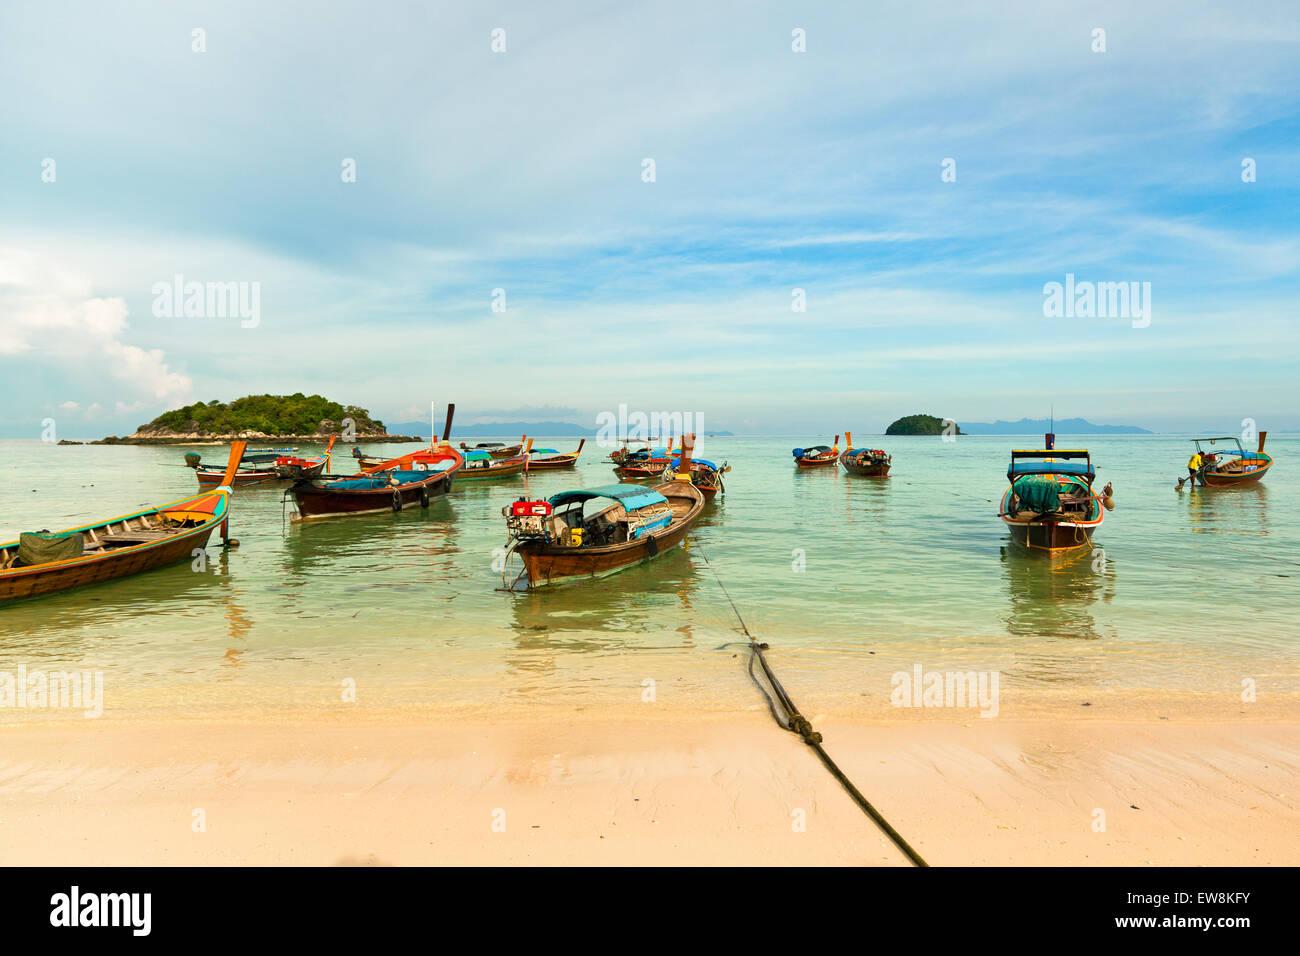 Embarcaciones tradicionales tailandeses en el Beach, Koh Lipe, Tailandia. Imagen De Stock